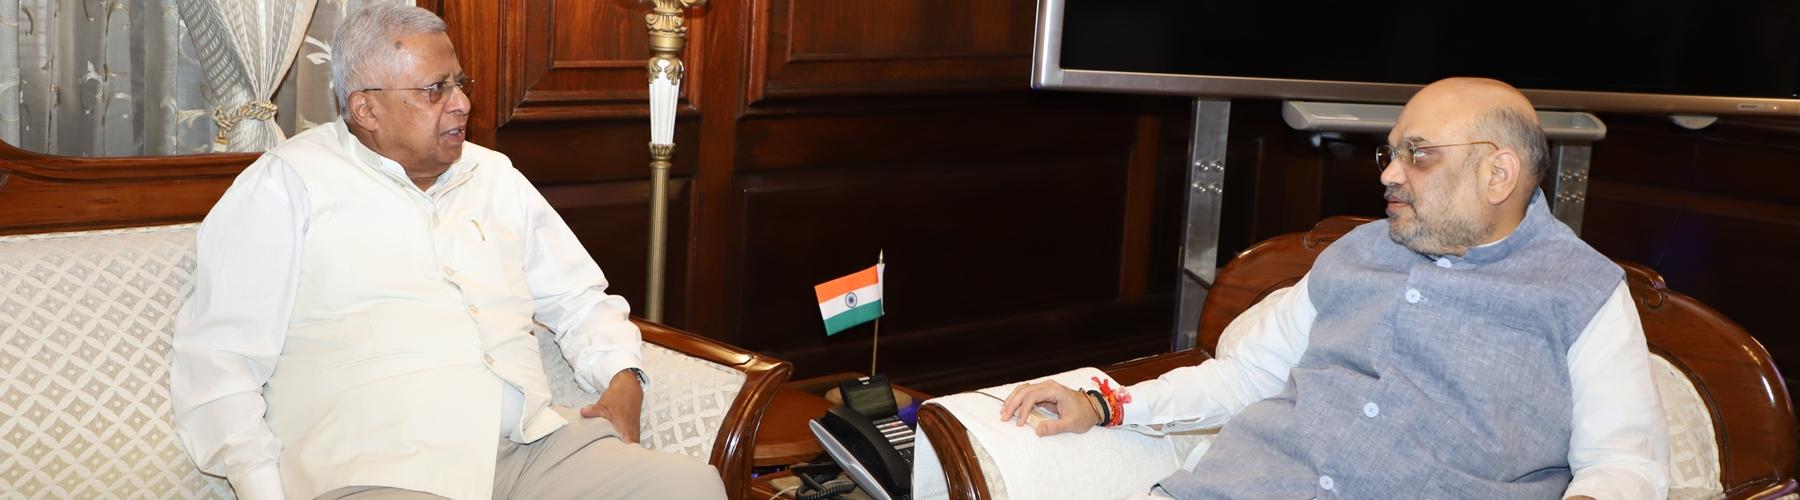 मेघालय के राज्यपाल श्री तथागत रॉय दिनांक 14 जून, 2019 को नई दिल्ली में केंद्रीय गृह मंत्री श्री अमित शाह से मुलाकात करते हुए